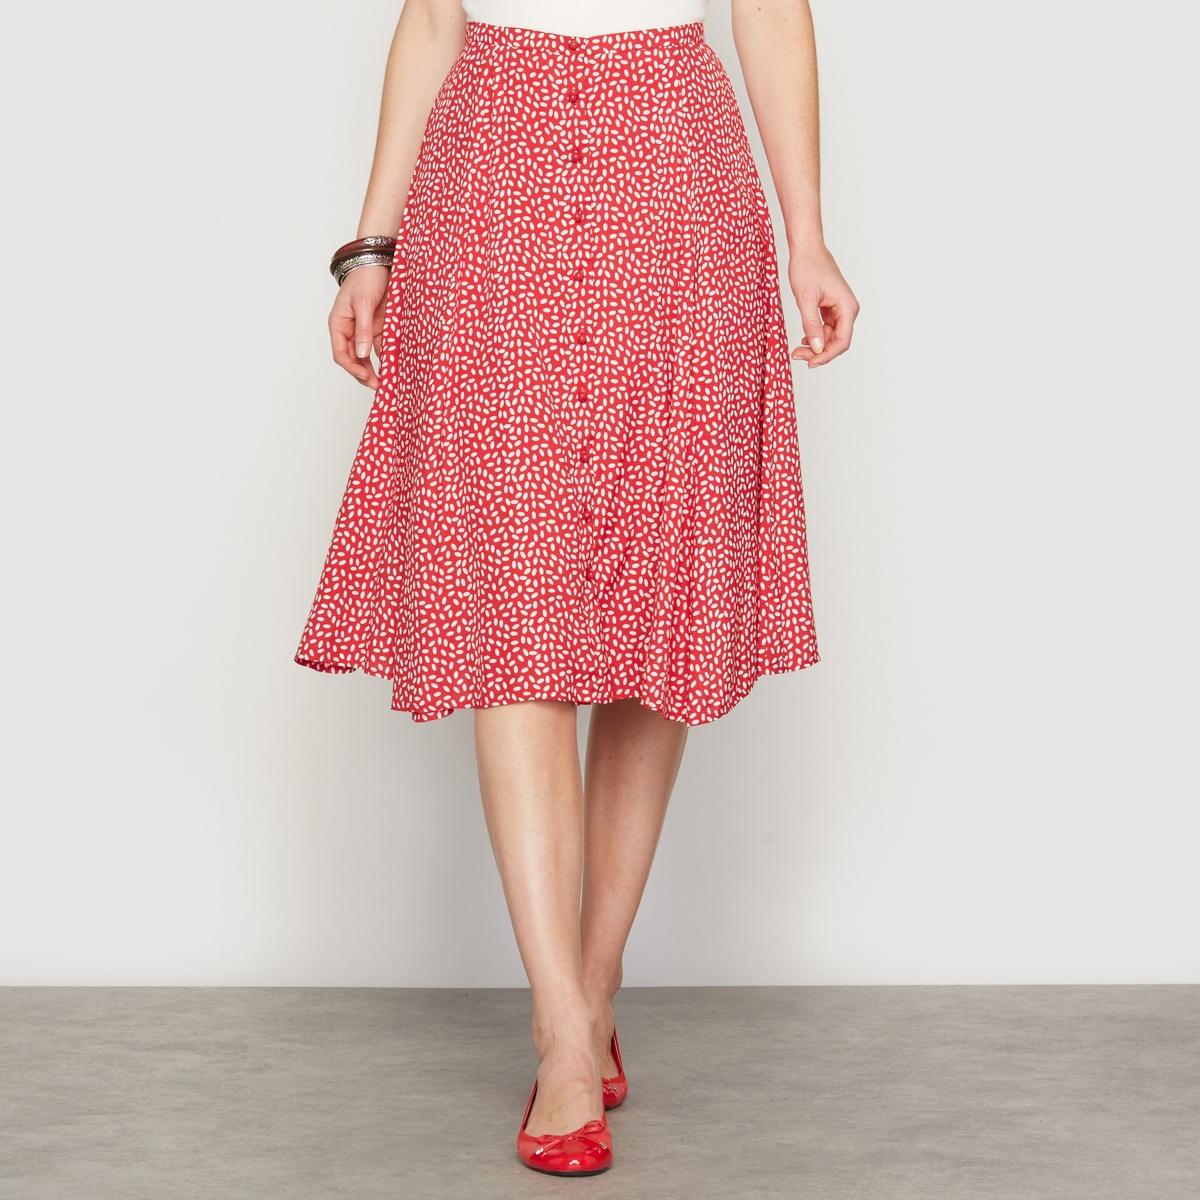 Струящаяся юбка с рисункомСтруящаяся юбка с рисунком . Можете носить ее так, как вам нравится... Эластичный пояс начиная с размера 44 . Застежка на пуговицы спереди . Переплетение полотнищ, создающее расширяющийся к низу силуэт . Подкладка из полиэстера .   Длина . 75 см . Струящийся креп 100% вискозы .<br><br>Цвет: рисунок/красный фон<br>Размер: 48 (FR) - 54 (RUS).52 (FR) - 58 (RUS)